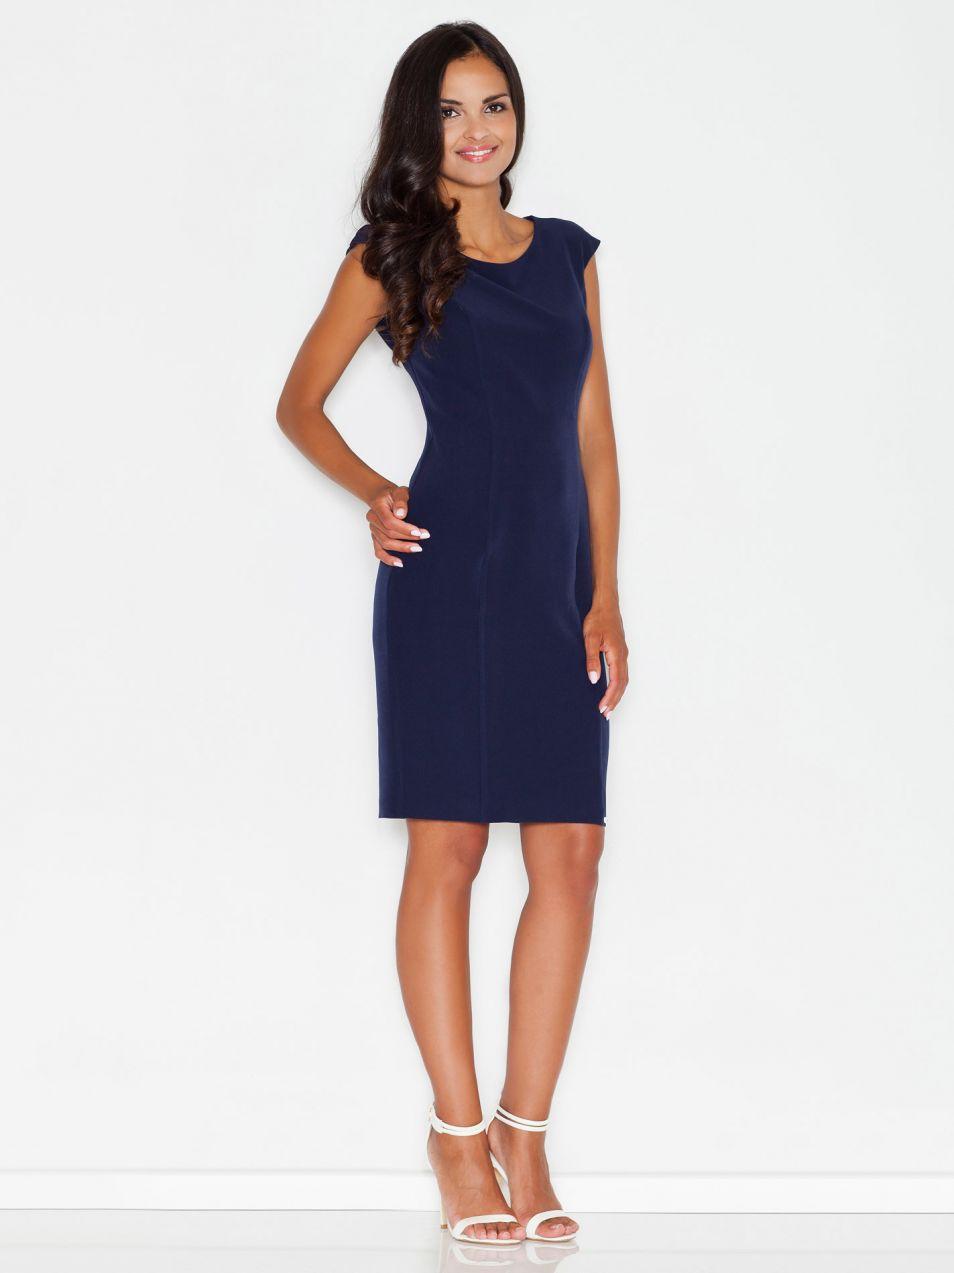 Figl Dámske modré šaty značky Figl - Lovely.sk 4d78863f598